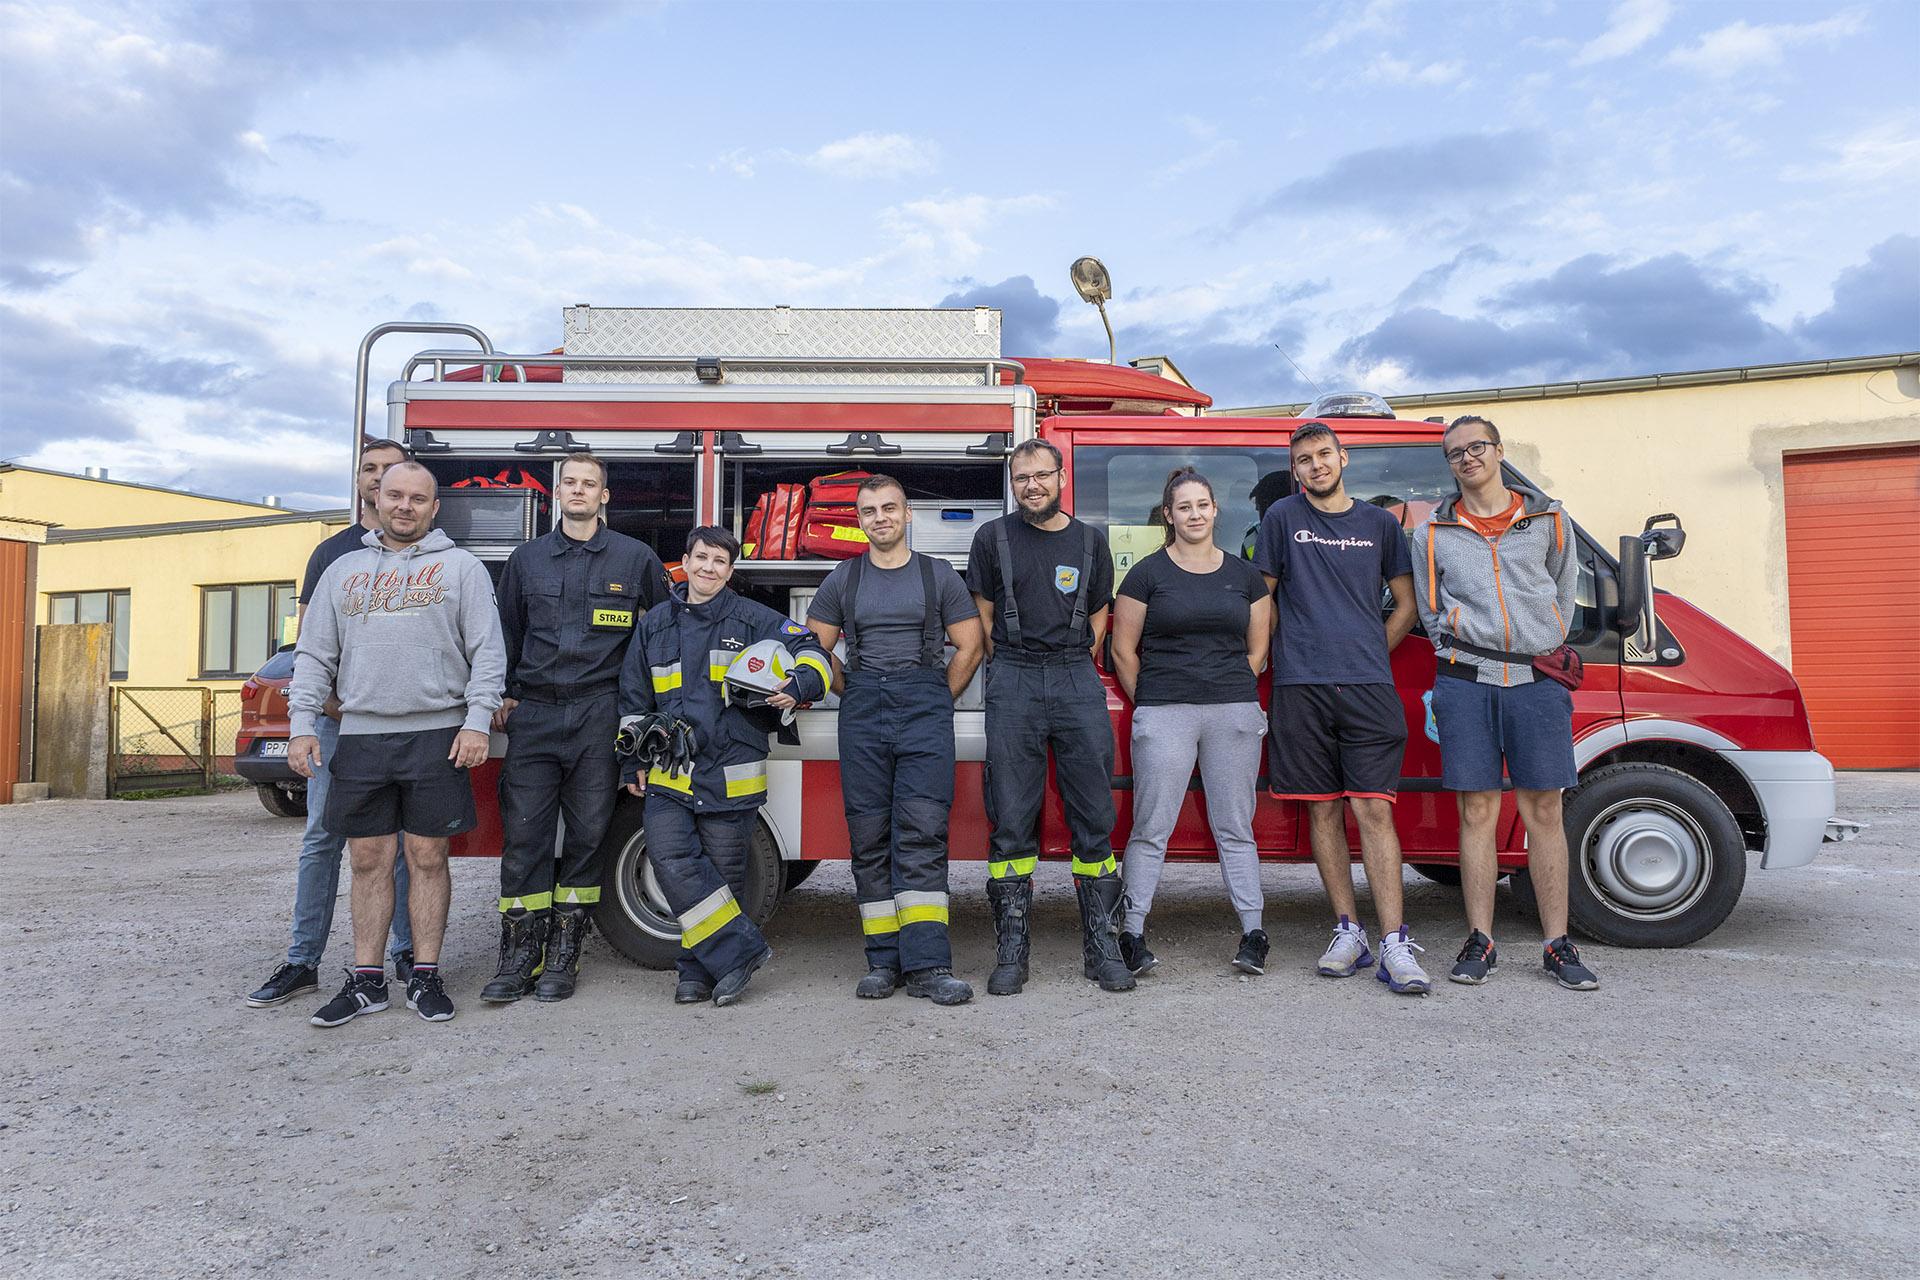 Strażacy i kandydaci OSP RW w Pile. Fot. Marcin Maziarz